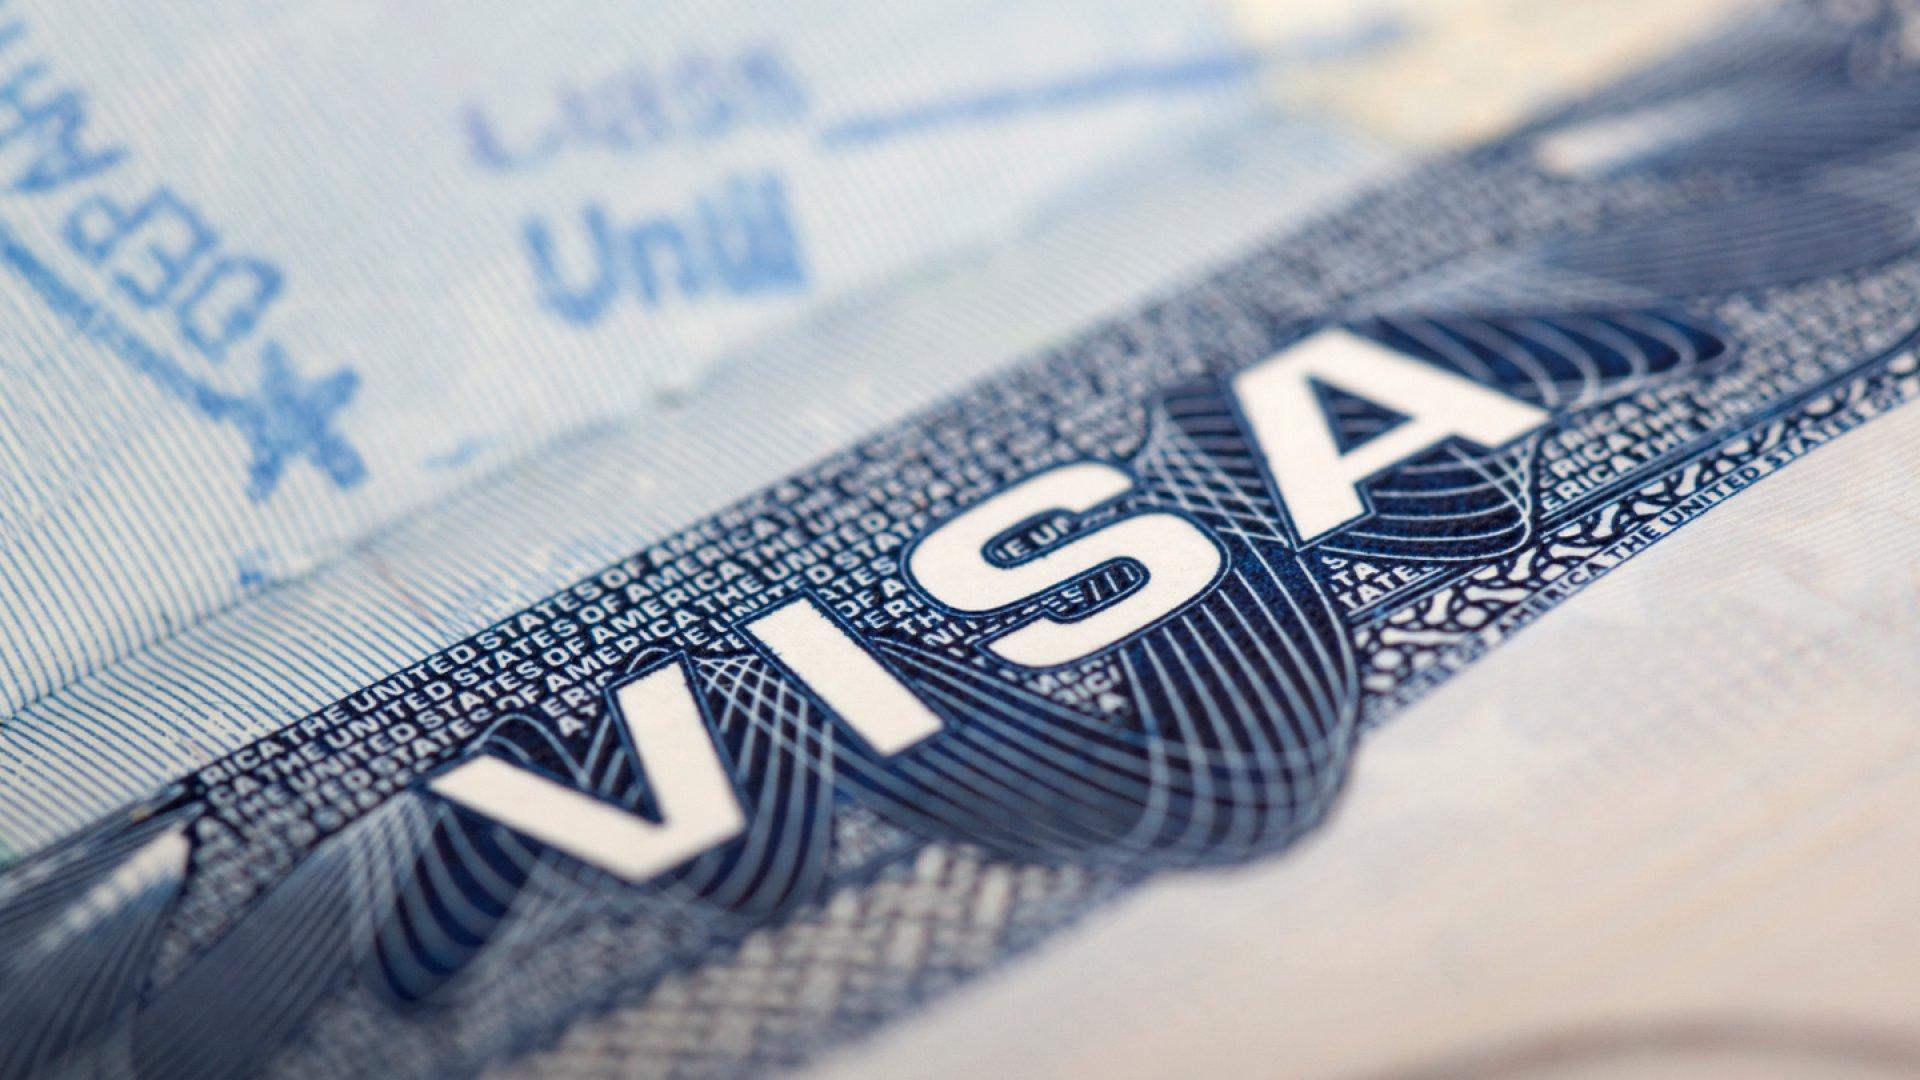 H-1B Visa Cap Reached in Less Than a Week